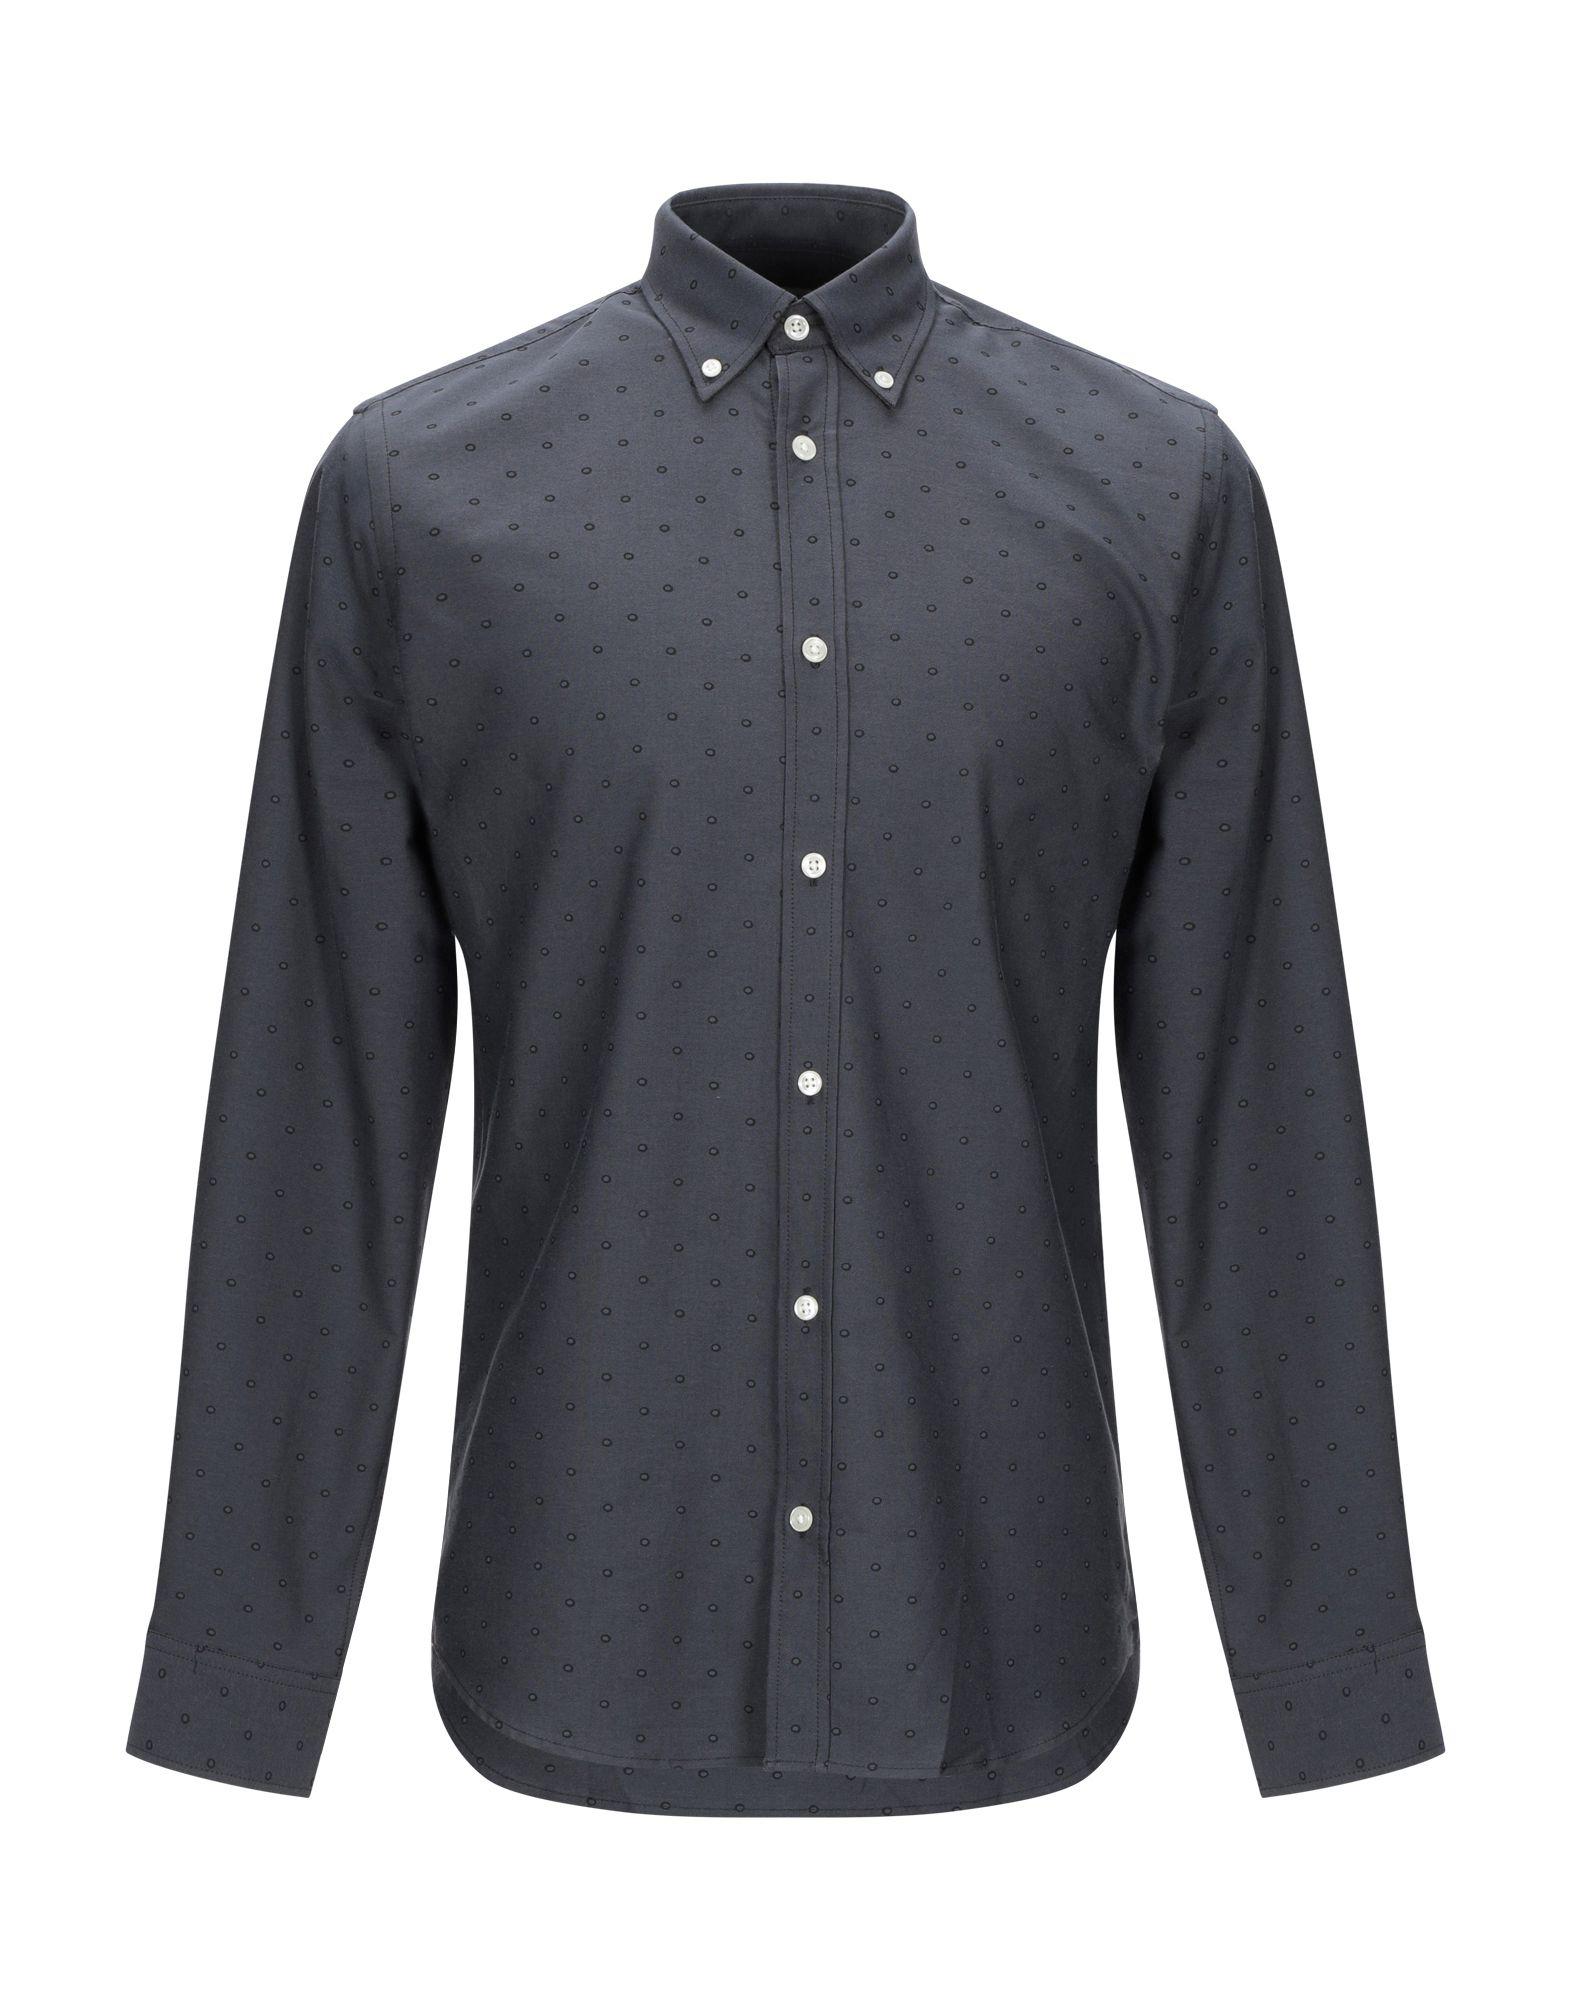 《送料無料》JACK & JONES PREMIUM メンズ シャツ スチールグレー S コットン 100%